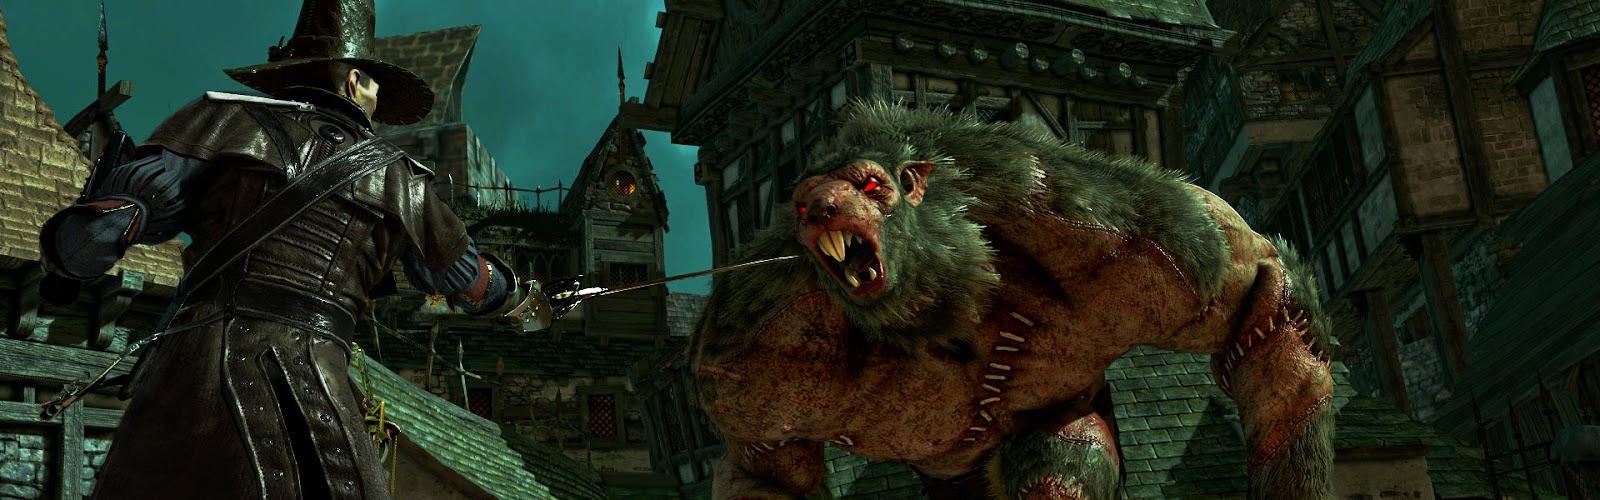 [Noticias] Warhammer: End Times - Vermintide